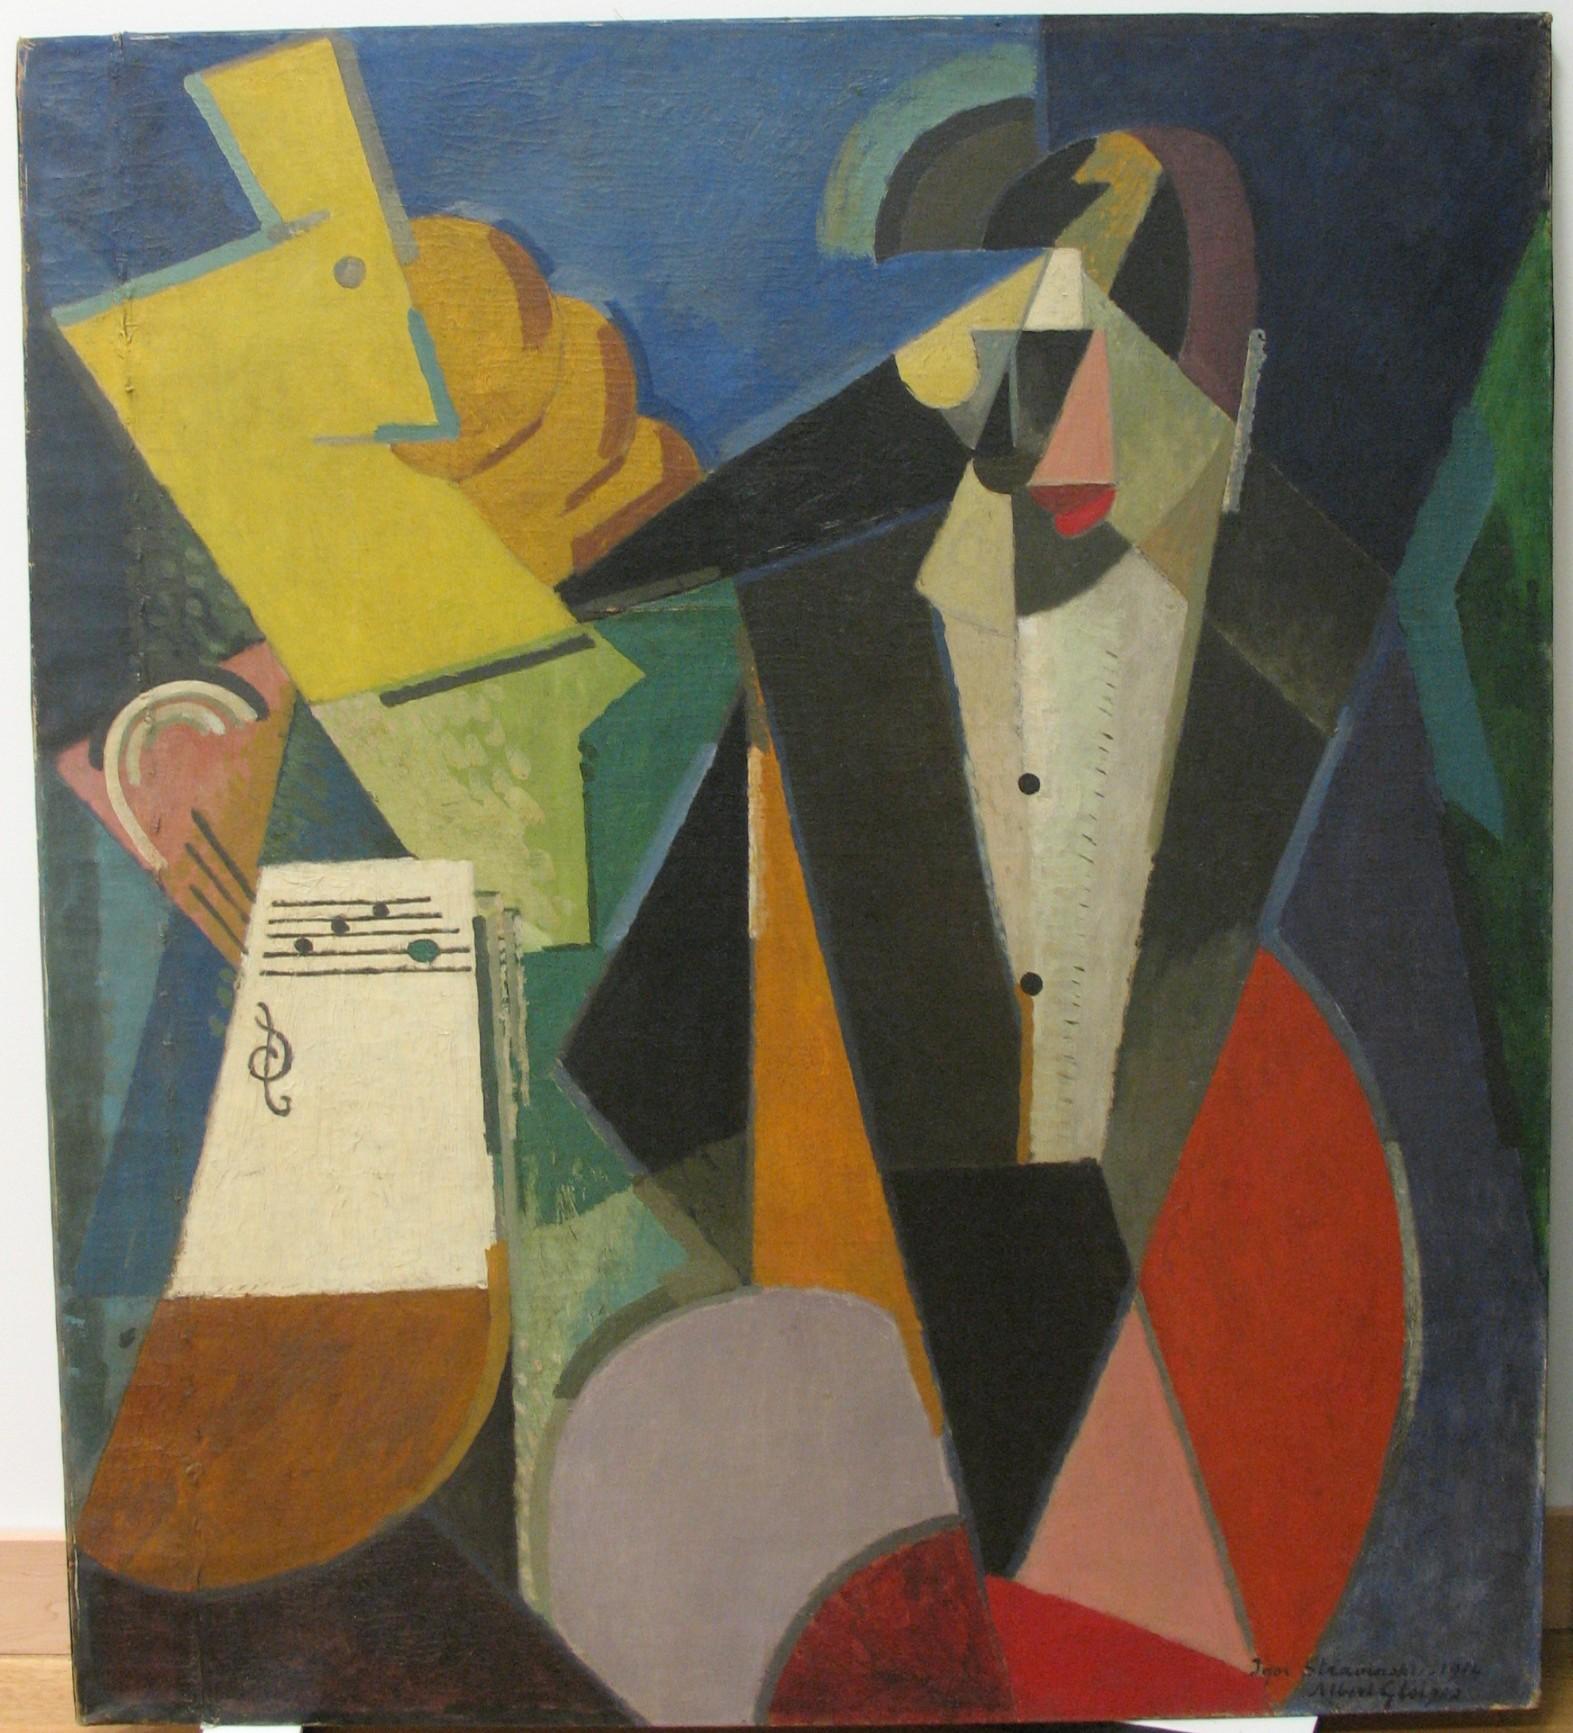 <em>Portrait d'Igor Stravinsky</em>, 1914<br /> Huile sur toile<br /> 129,5 x 114,3 cm<br /> New York, Museum of Modern Art<br /> Bequest of Richard S. Zeisler, 2007 (inv. 1447.2007)